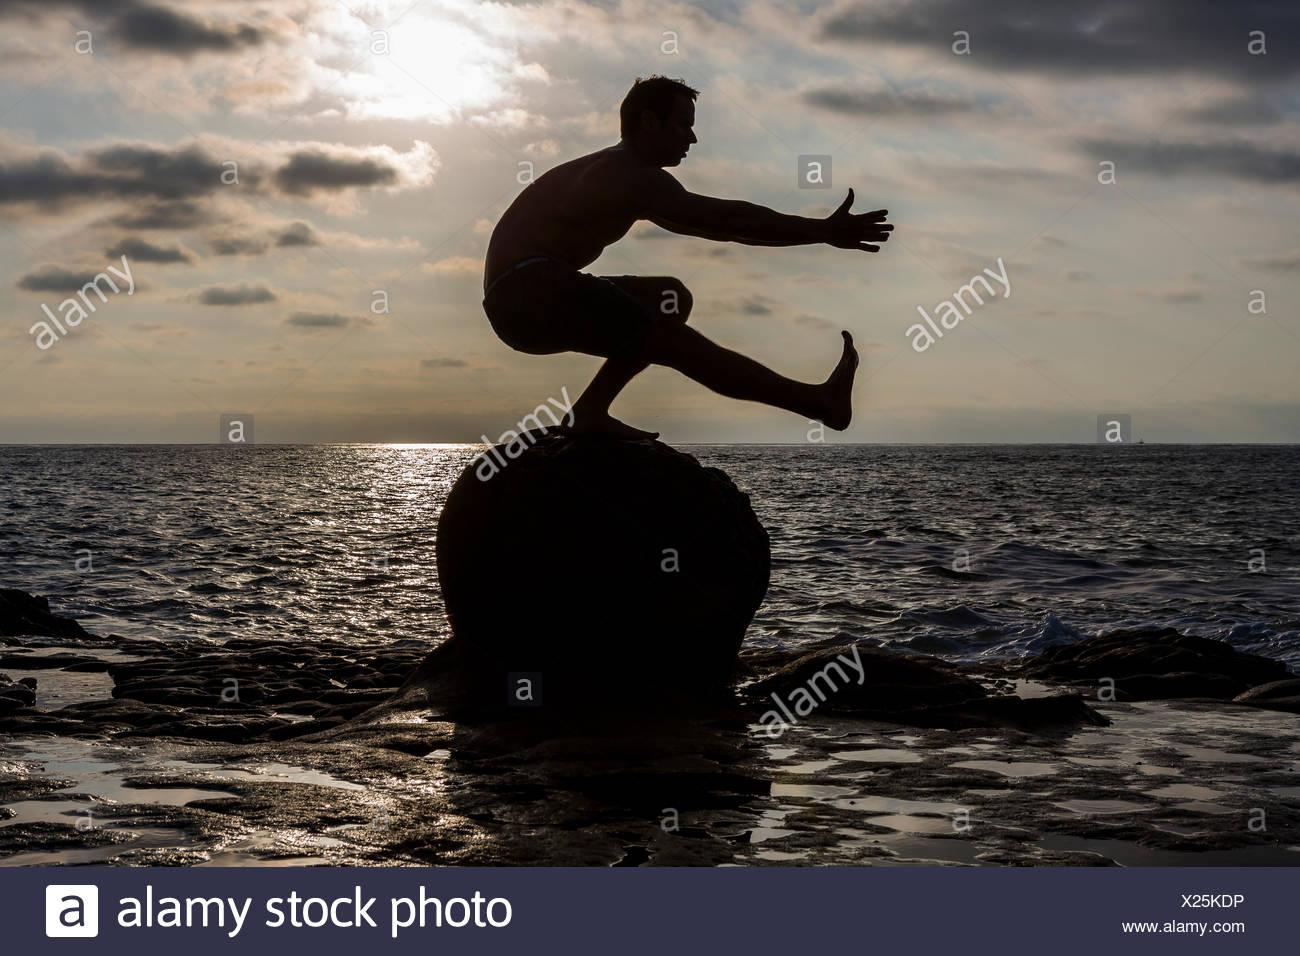 La silhouette d'un homme torse nu comme athlète CrossFit il effectue un pistolet ou squat à une jambe sur un rocher dans l'océan Pacifique à San Diego, Californie au coucher du soleil. Photo Stock